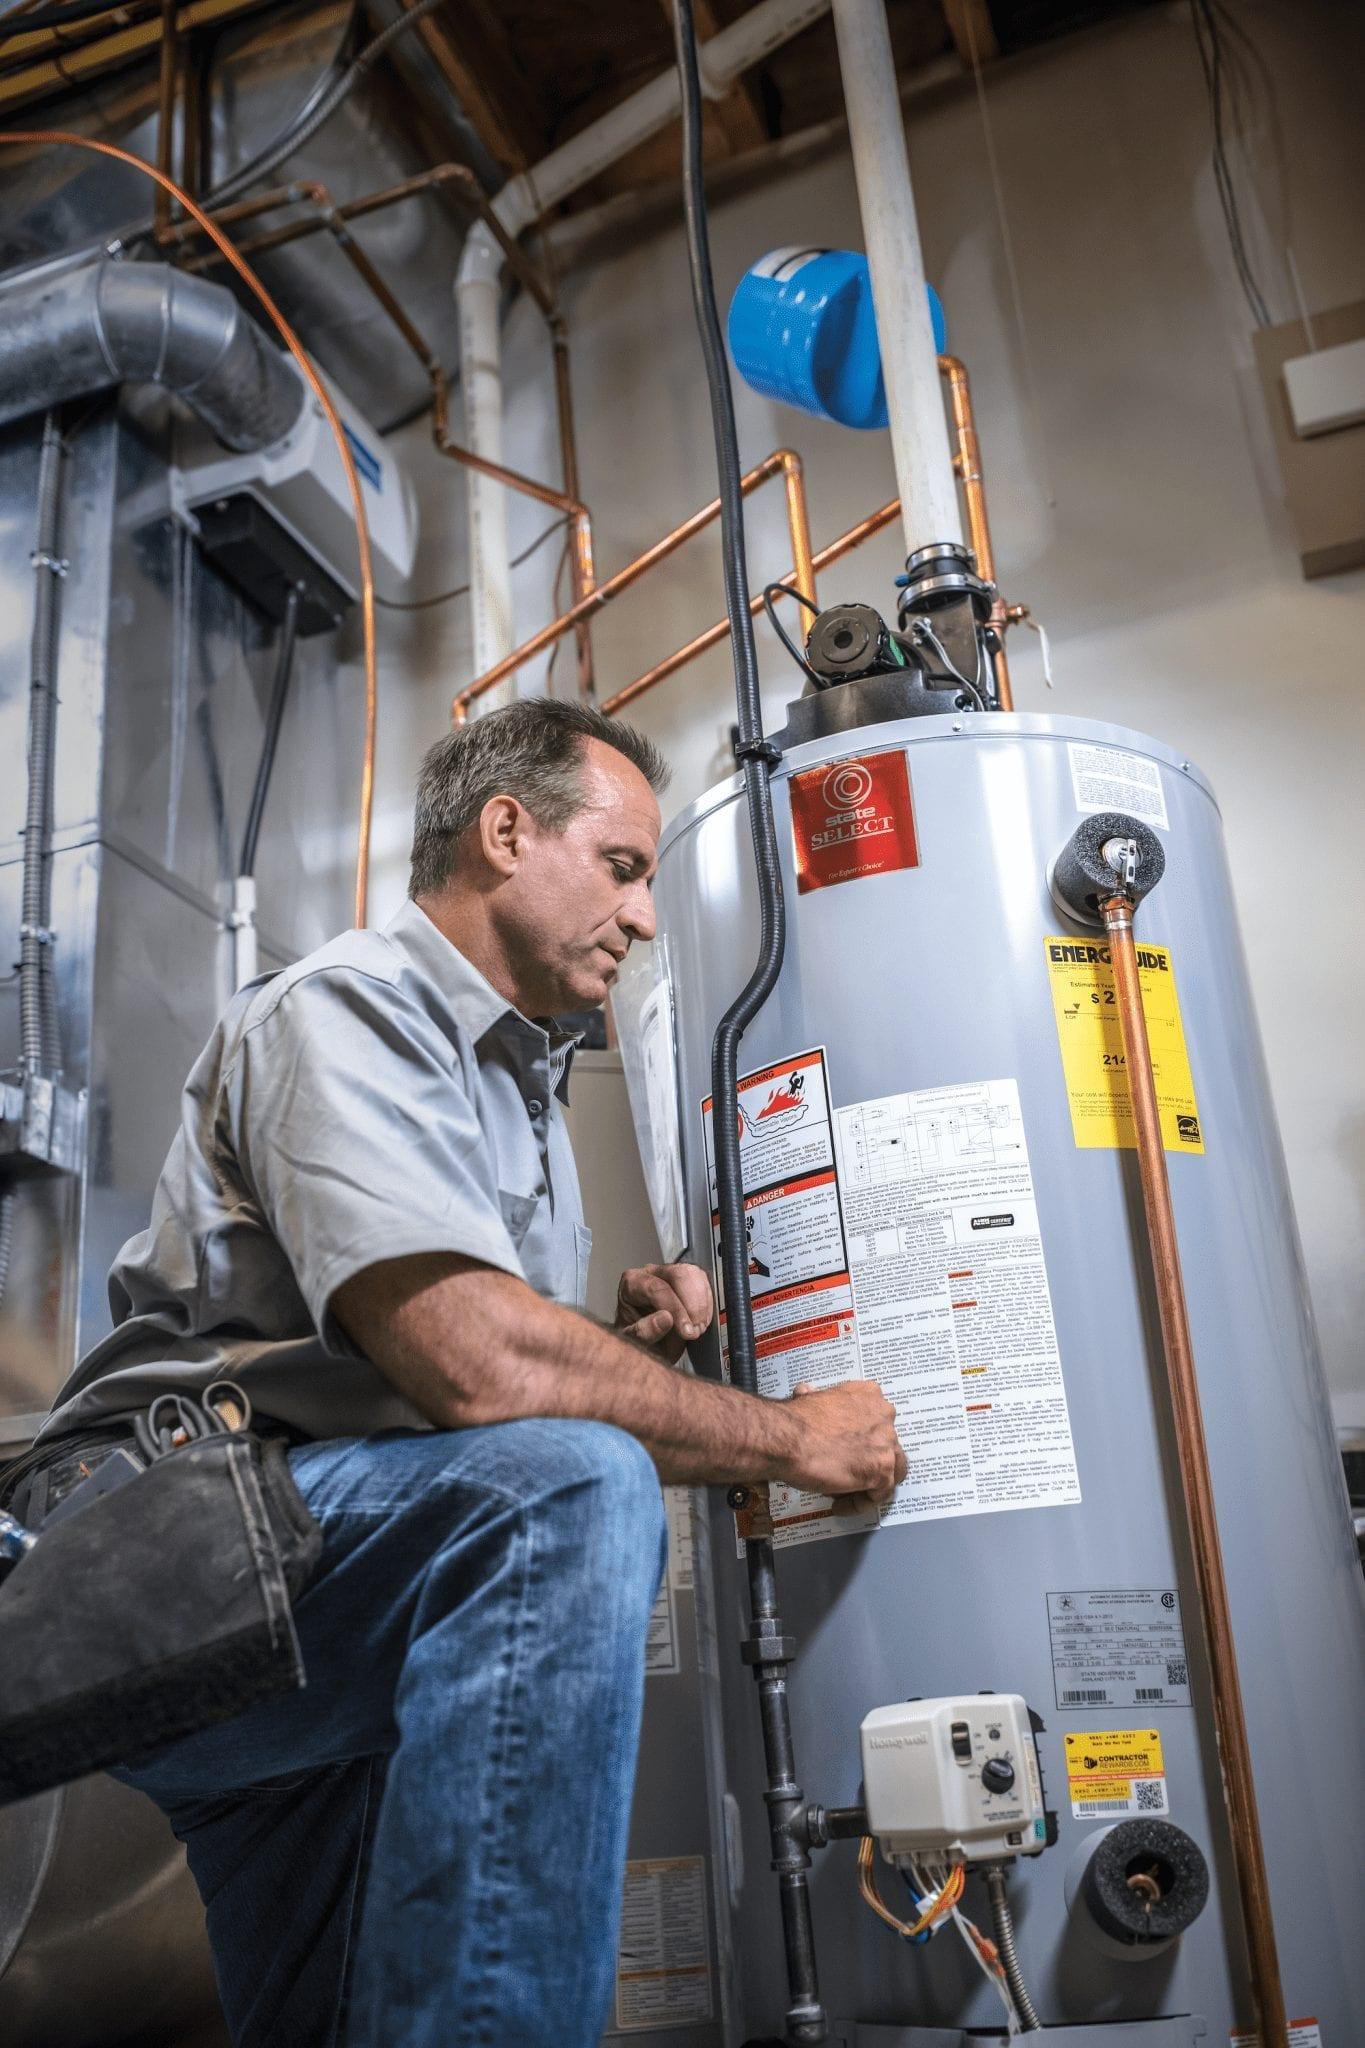 man in work uniform working on water heater